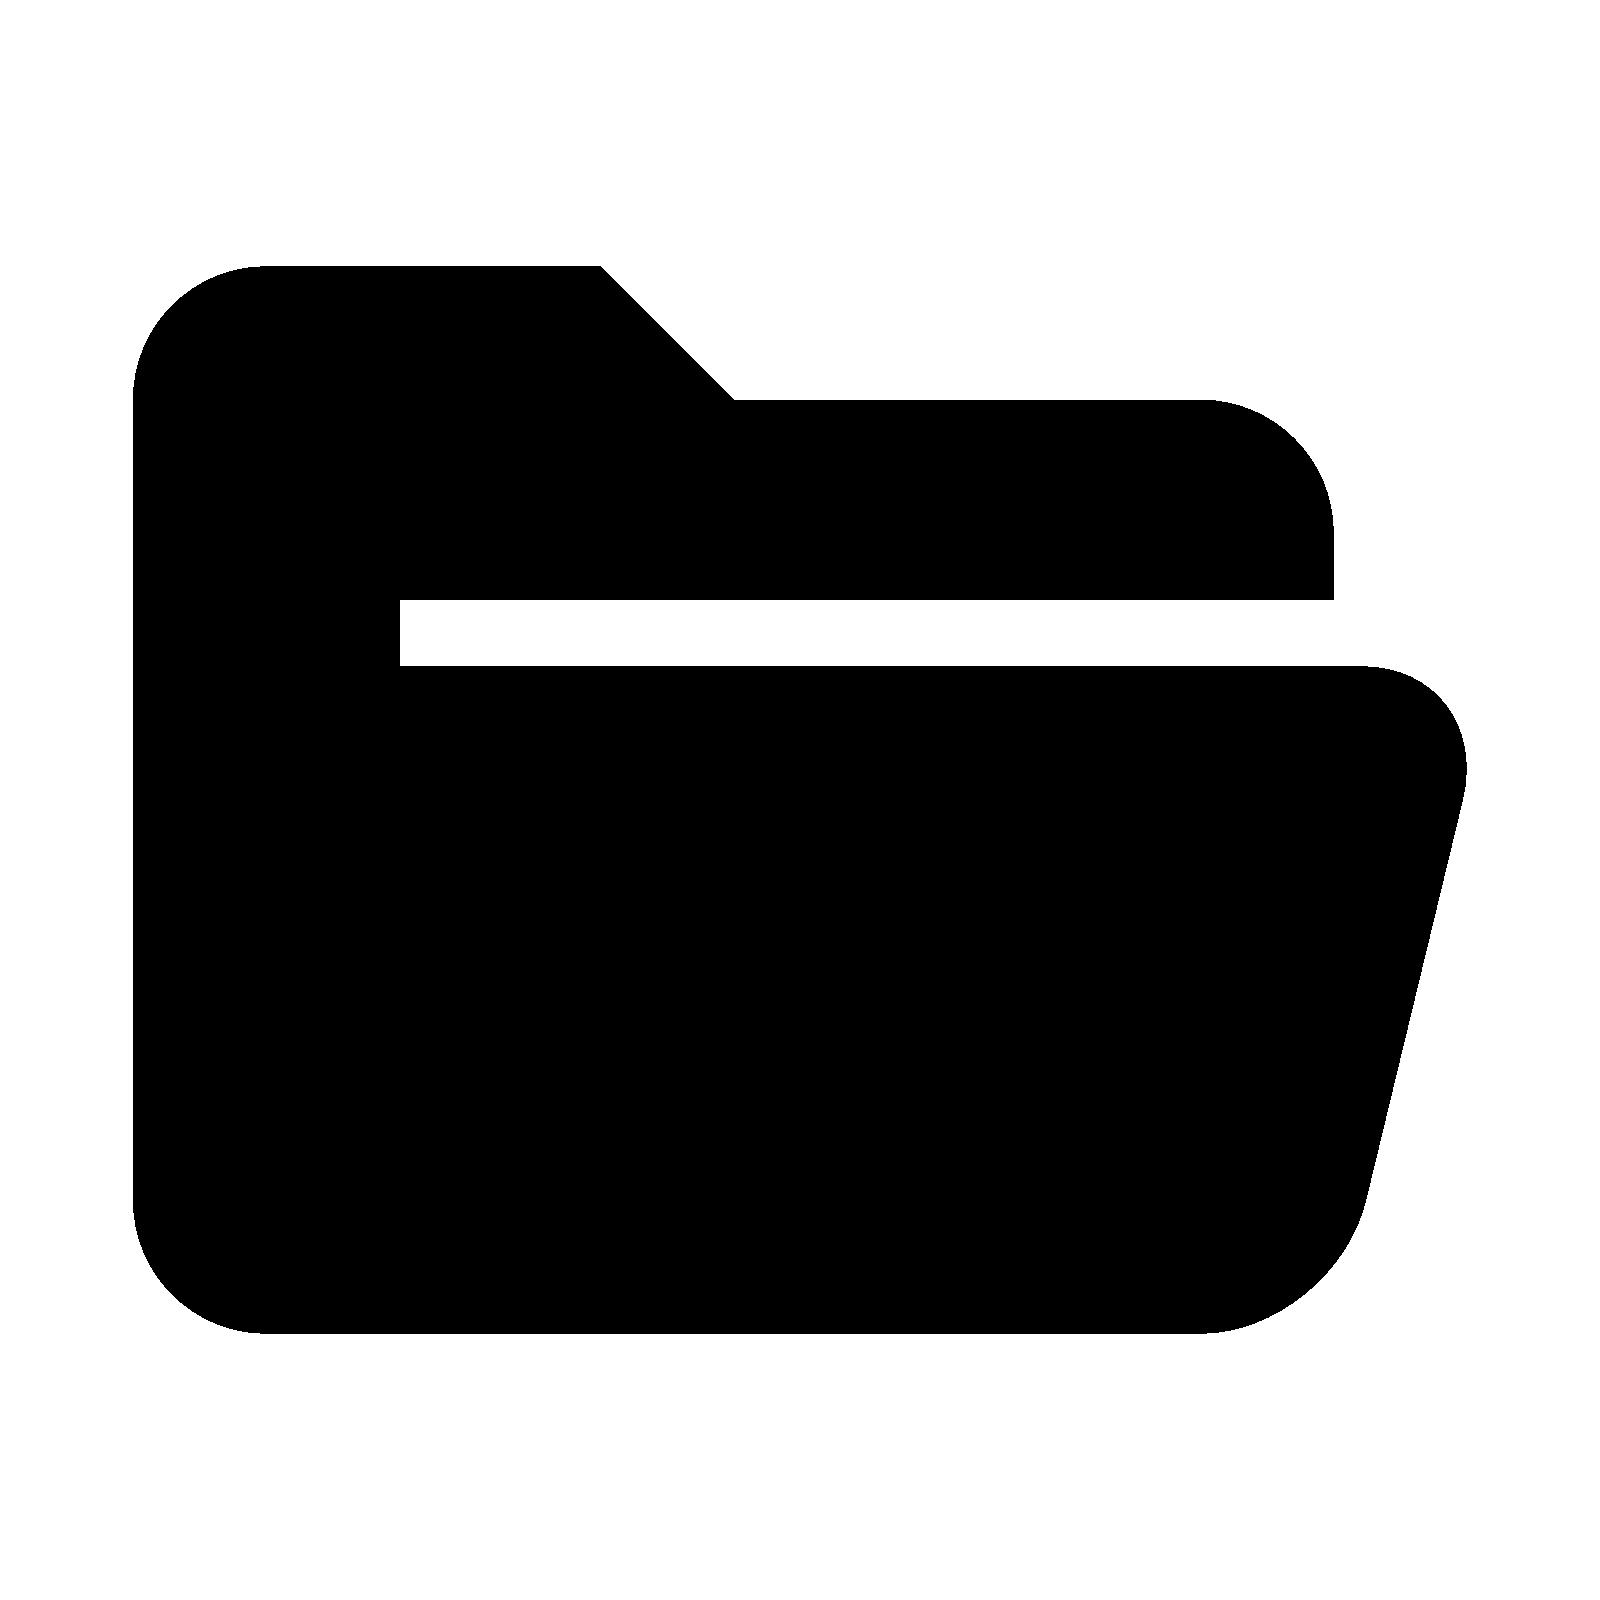 White clipart folder. Logos